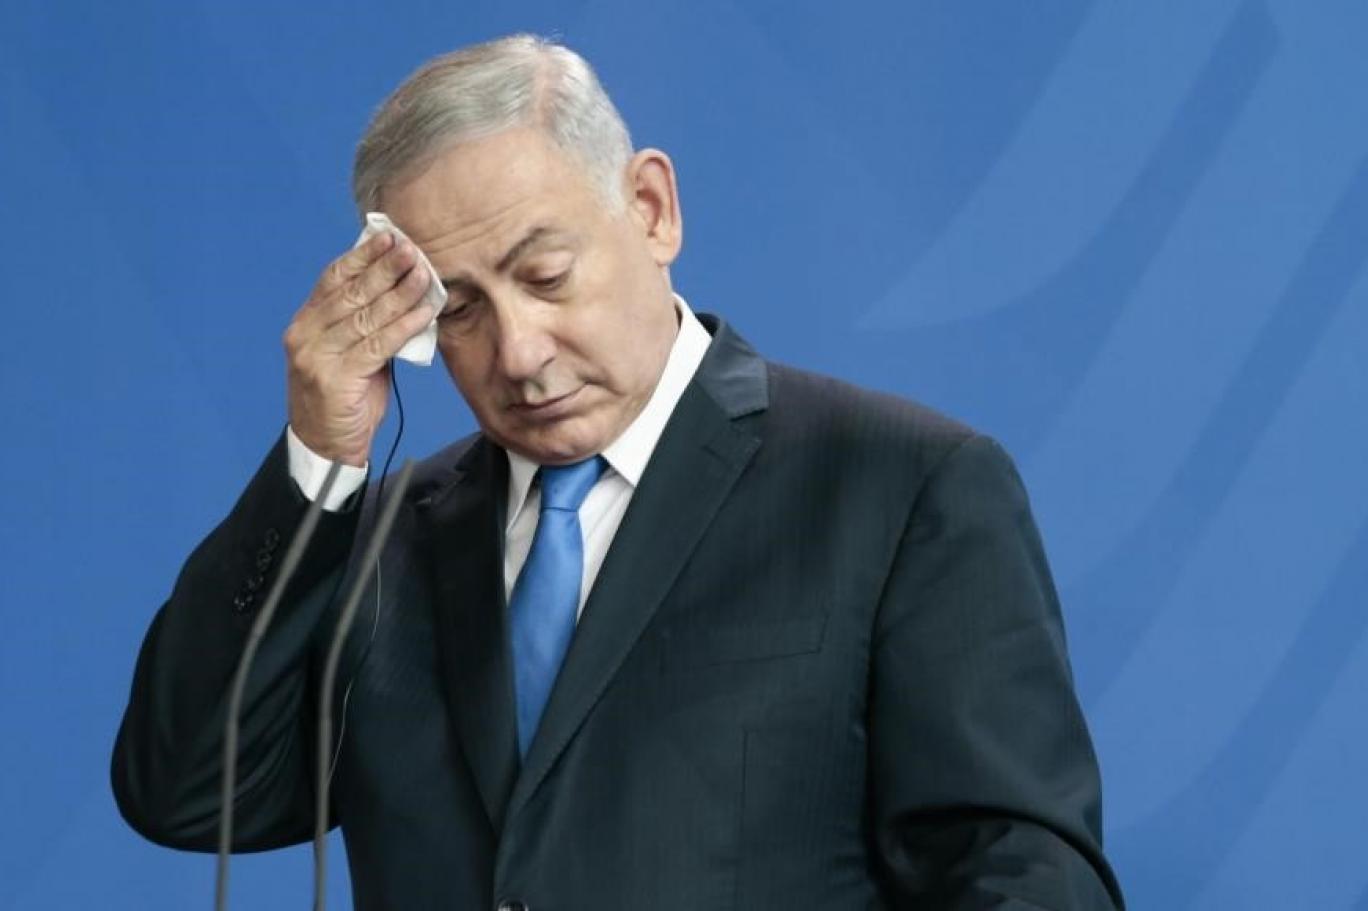 """إصابة مستشارة لنتنياهو بـ""""كورونا""""..ووضع رئيس الوزراء الإسرائيلي لم يُعرف بعد"""